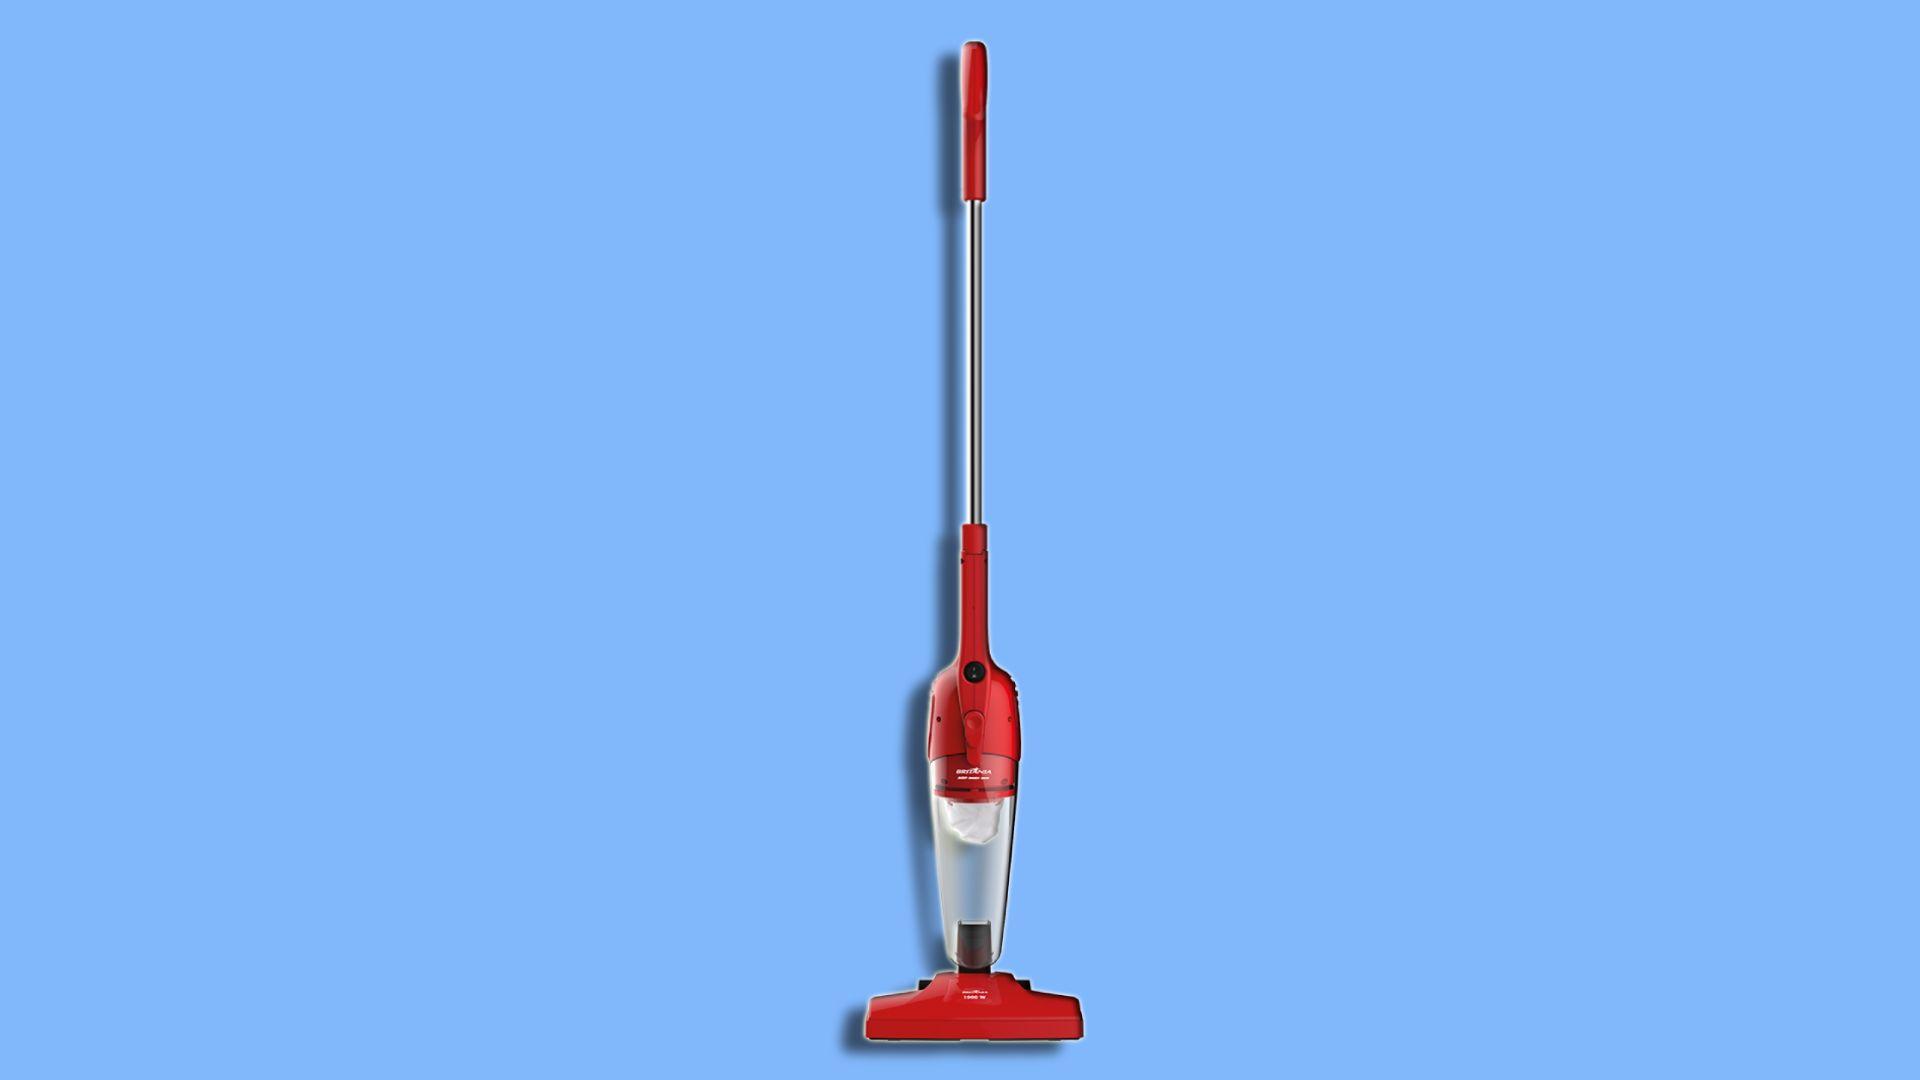 Aspirador de pó Britânia Dust Off 1.000W pode ser usado tanto como modelo vertical quanto portátil. (Imagem: Divulgação/Britânia)